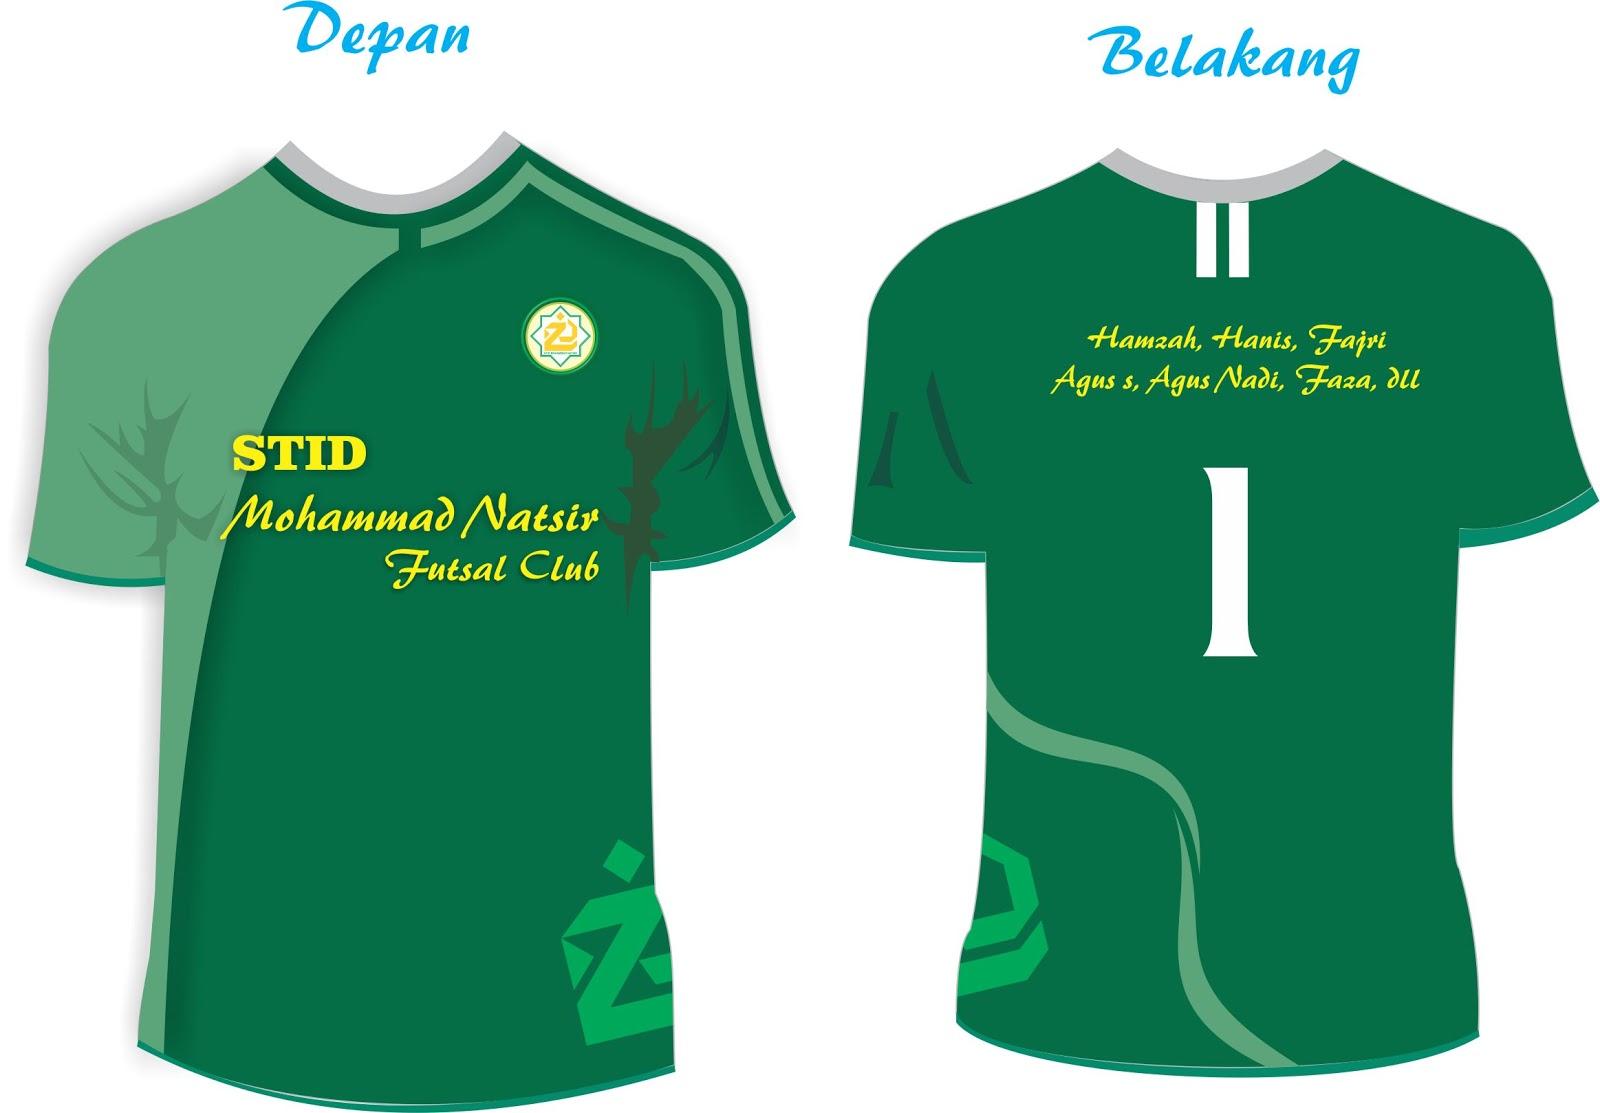 Download Desain Kaos Futsal | Pusat Contoh Desain | Pusat ...